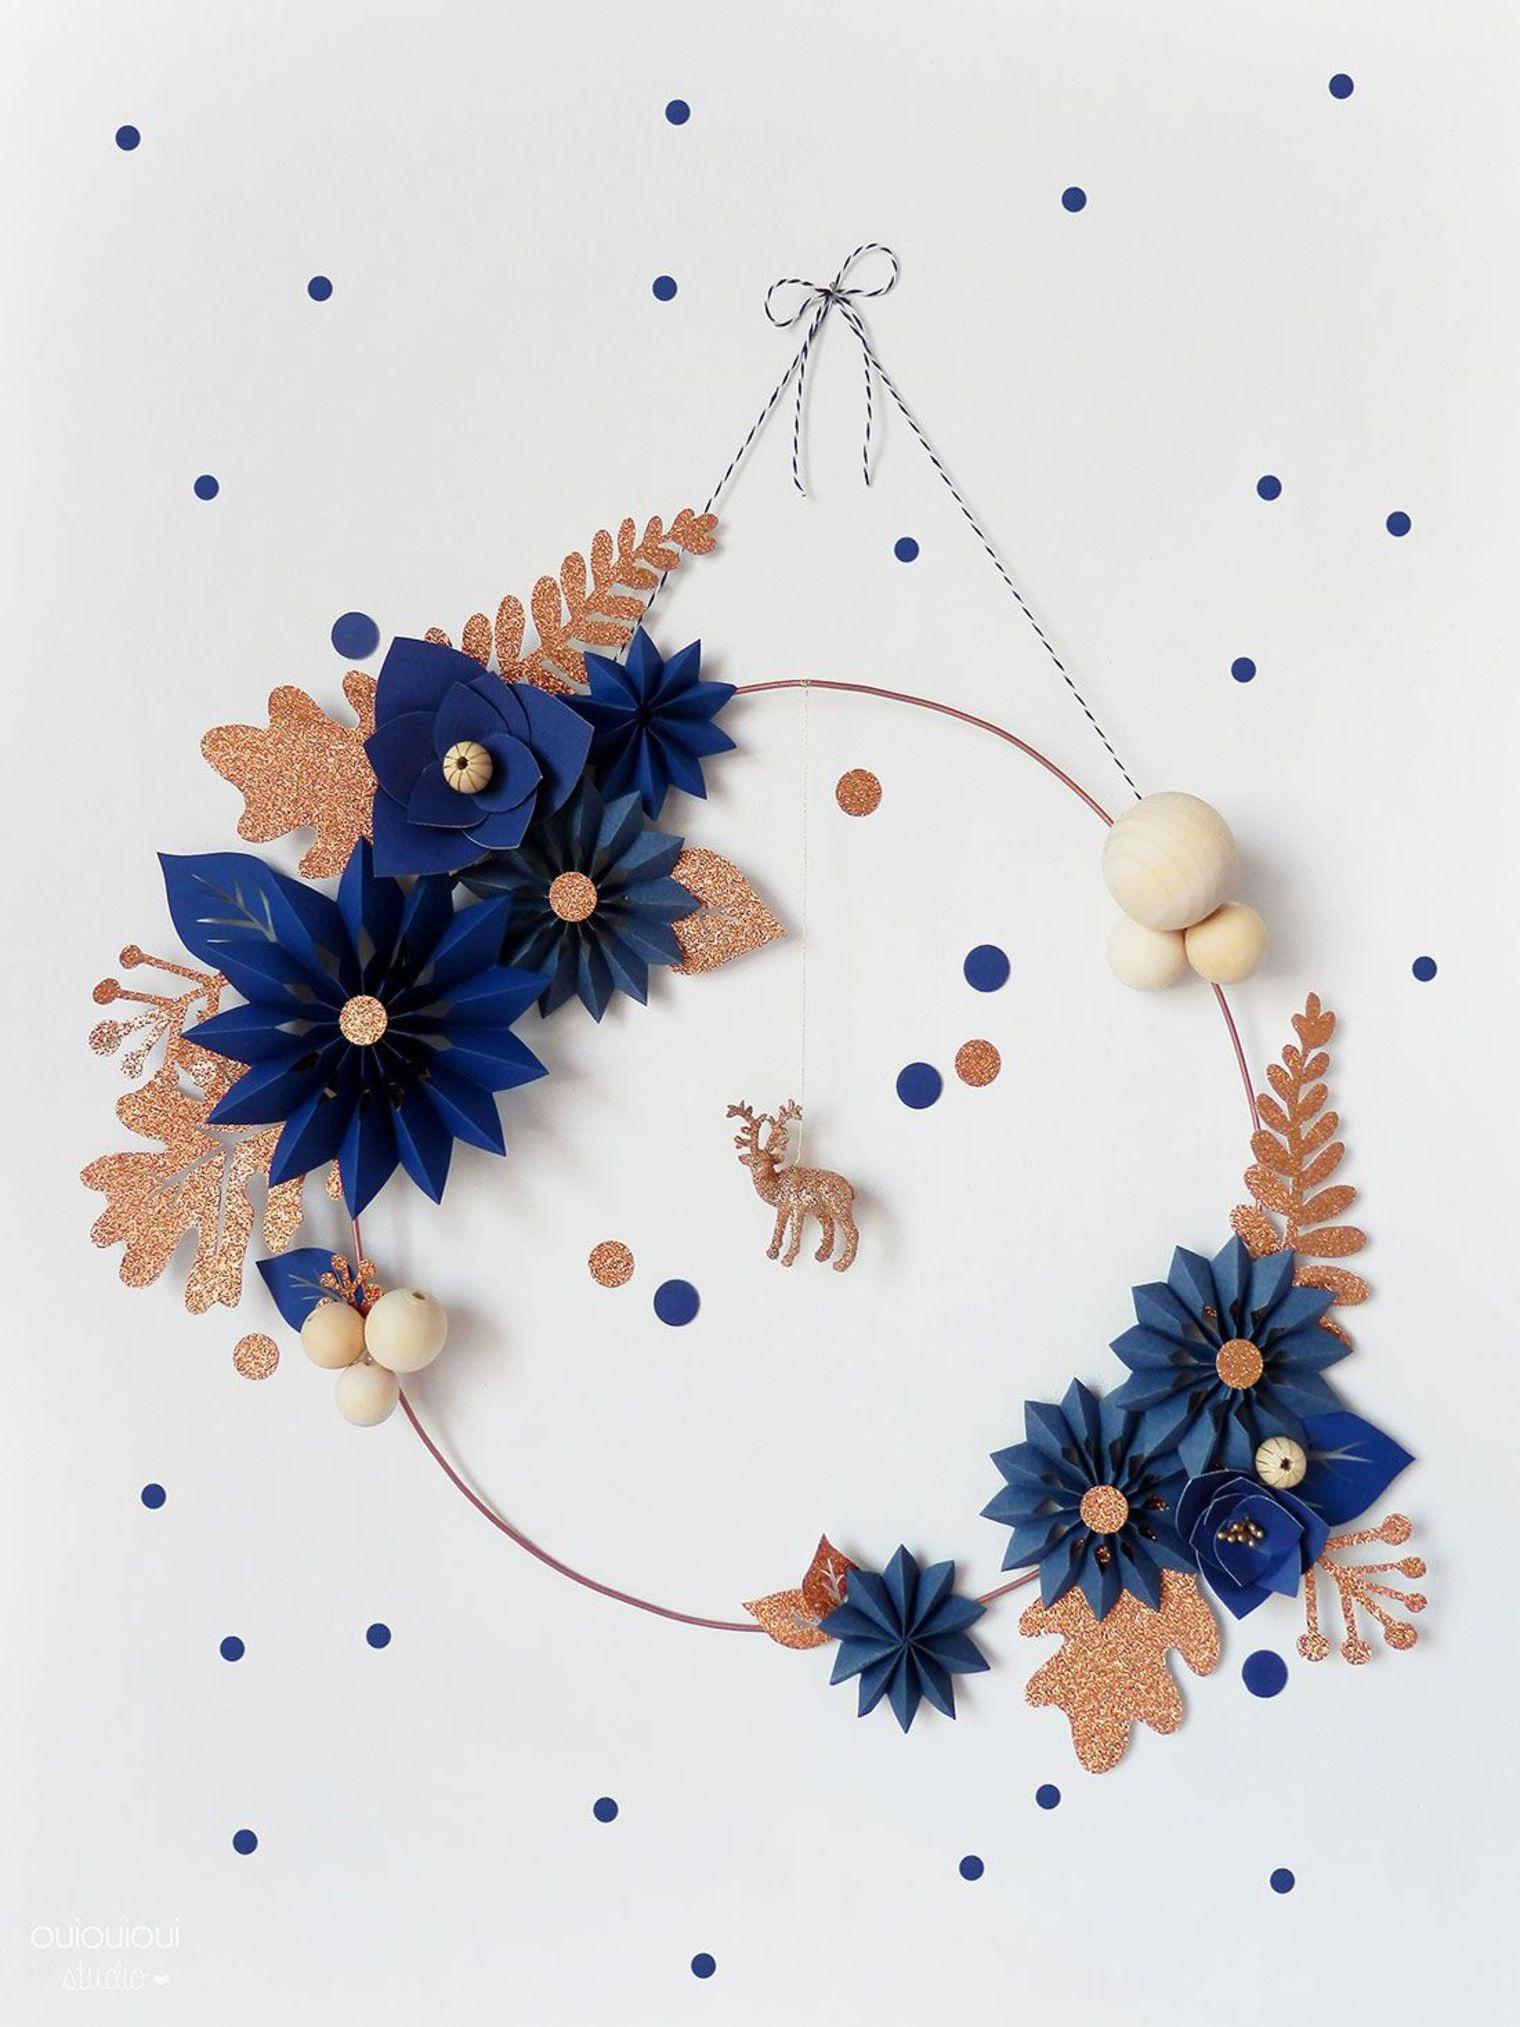 decoration-noel3